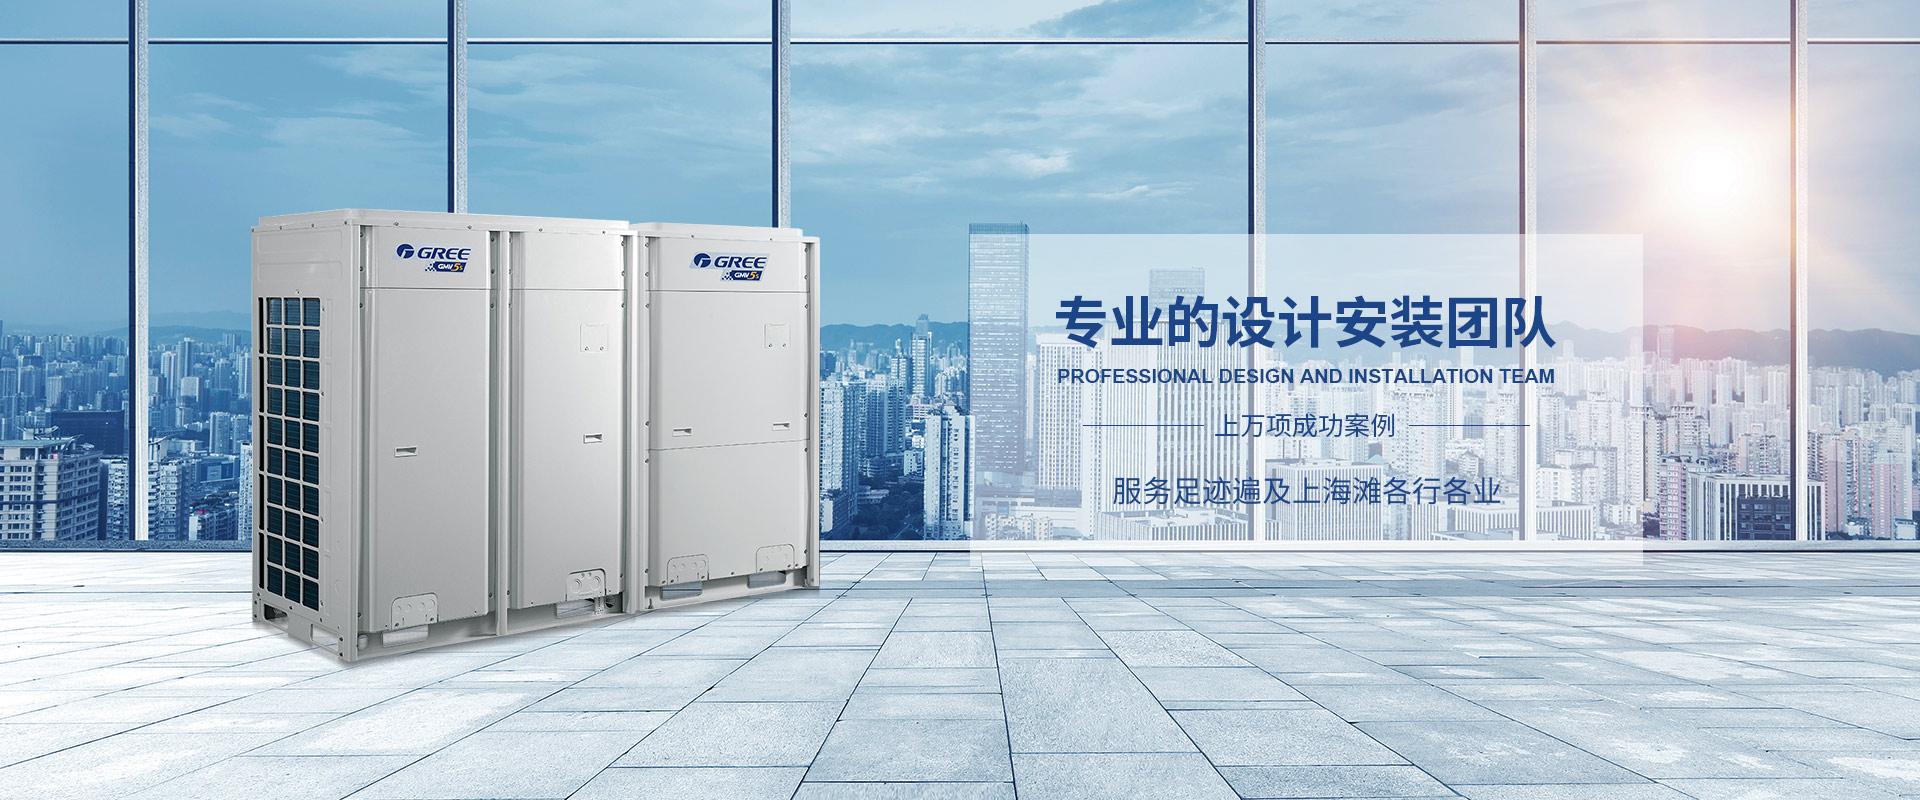 上海群坛机电设备有限公司